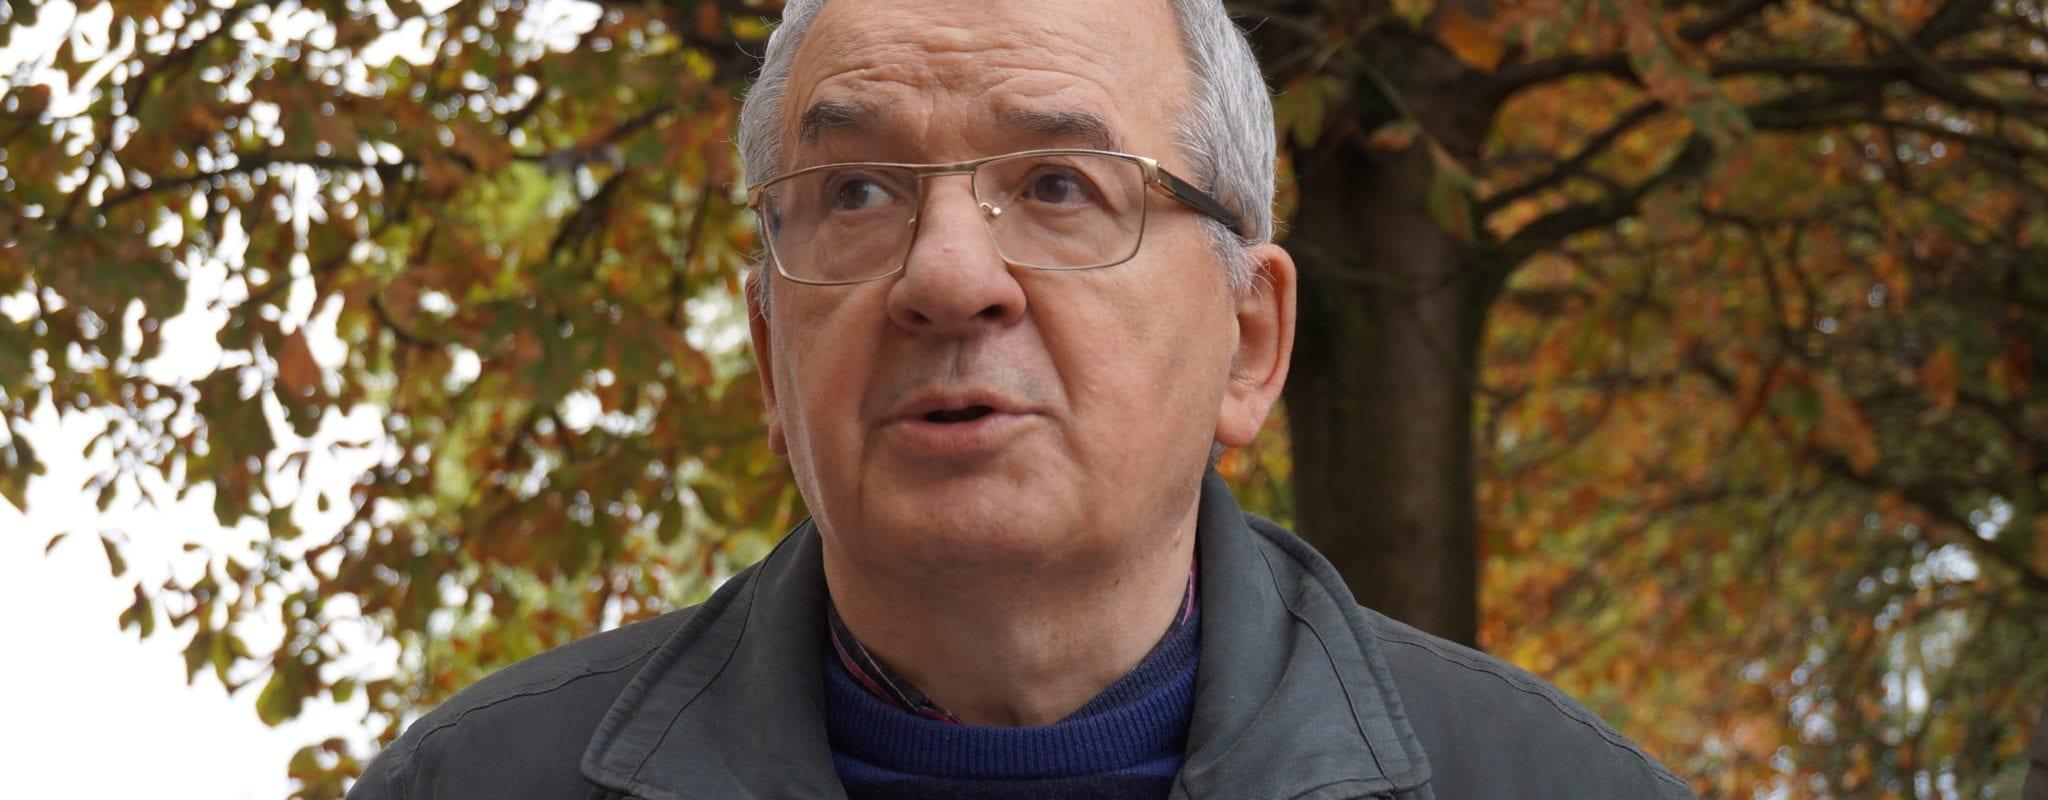 Avec Gérard Baumgart, Strasbourgeois engagé pour l'hébergement des migrants